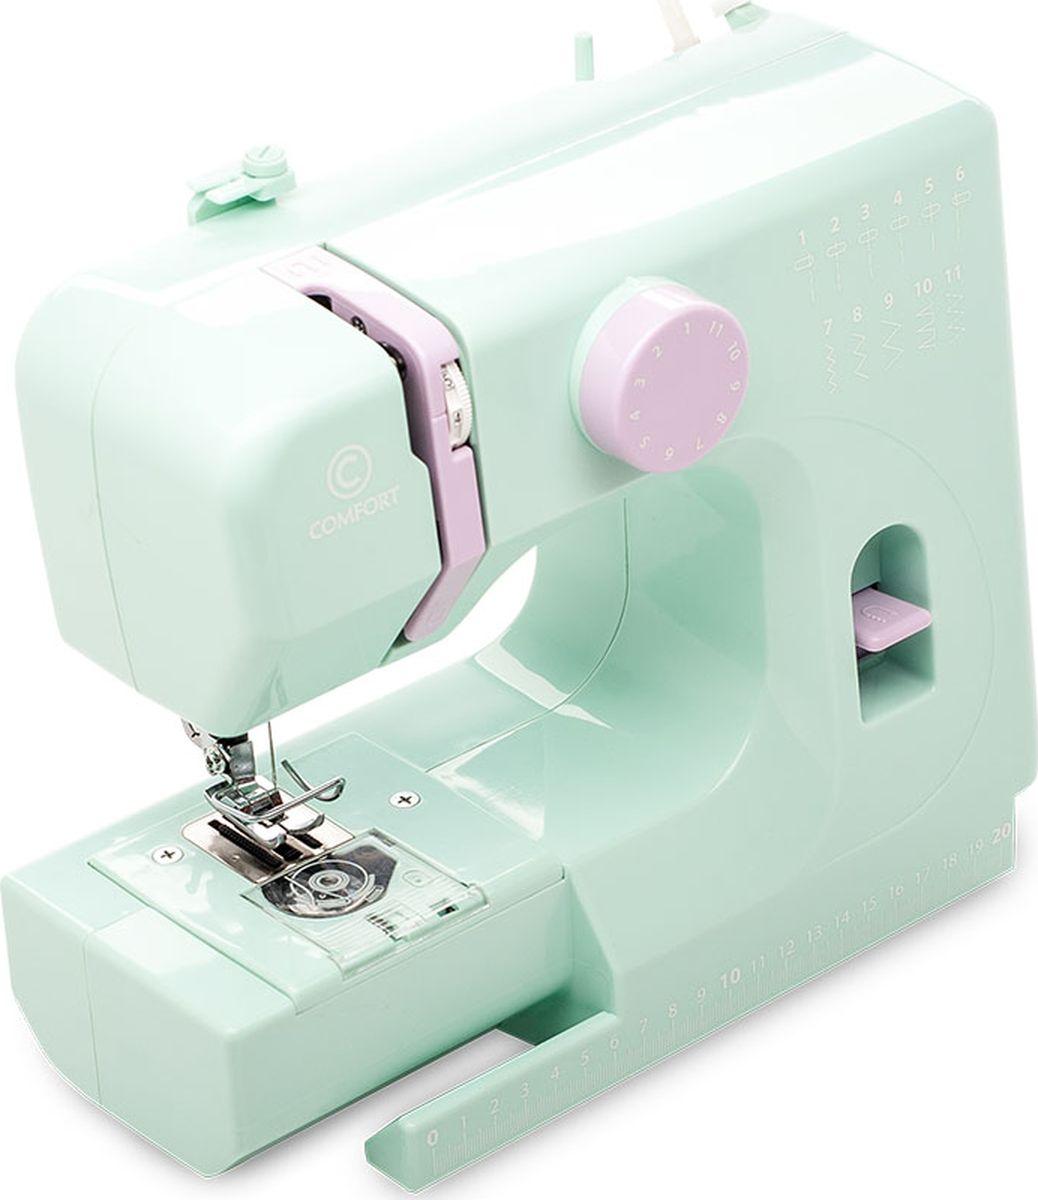 Comfort 2 швейная машина - Швейные машины и аксессуары